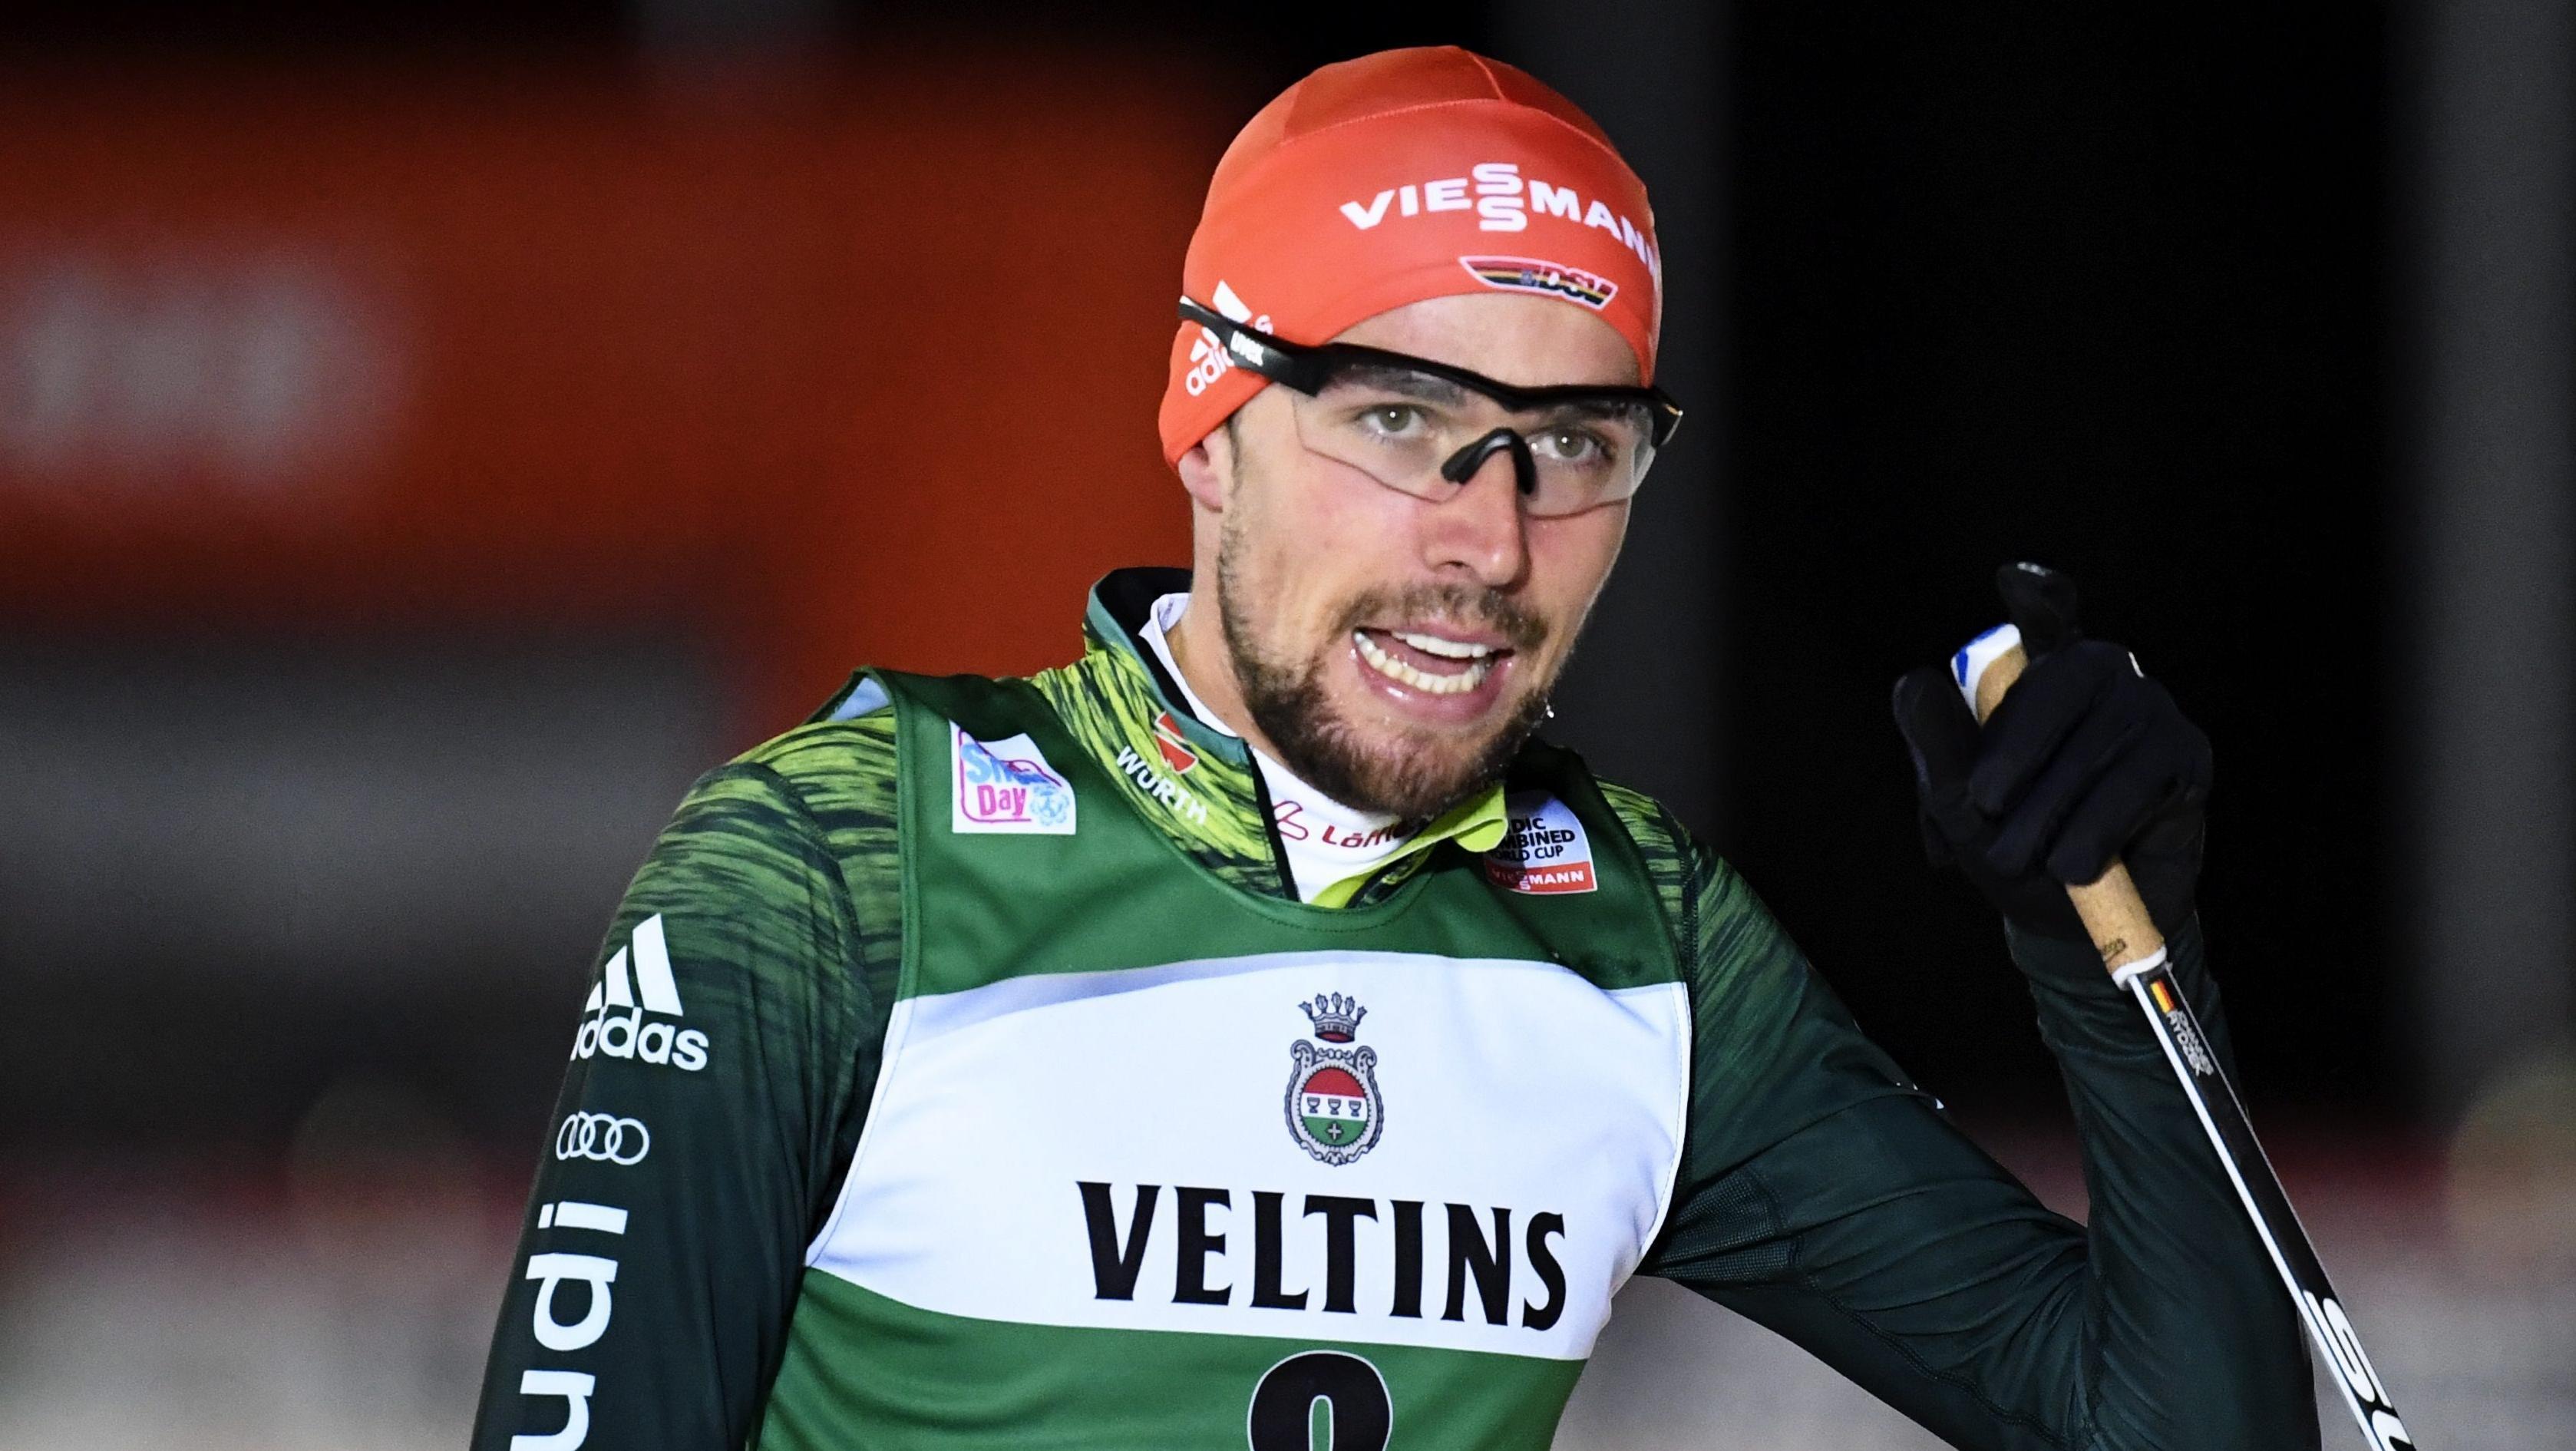 Der Nordische Kombinierer Johannes Rydzek aus Oberstdorf